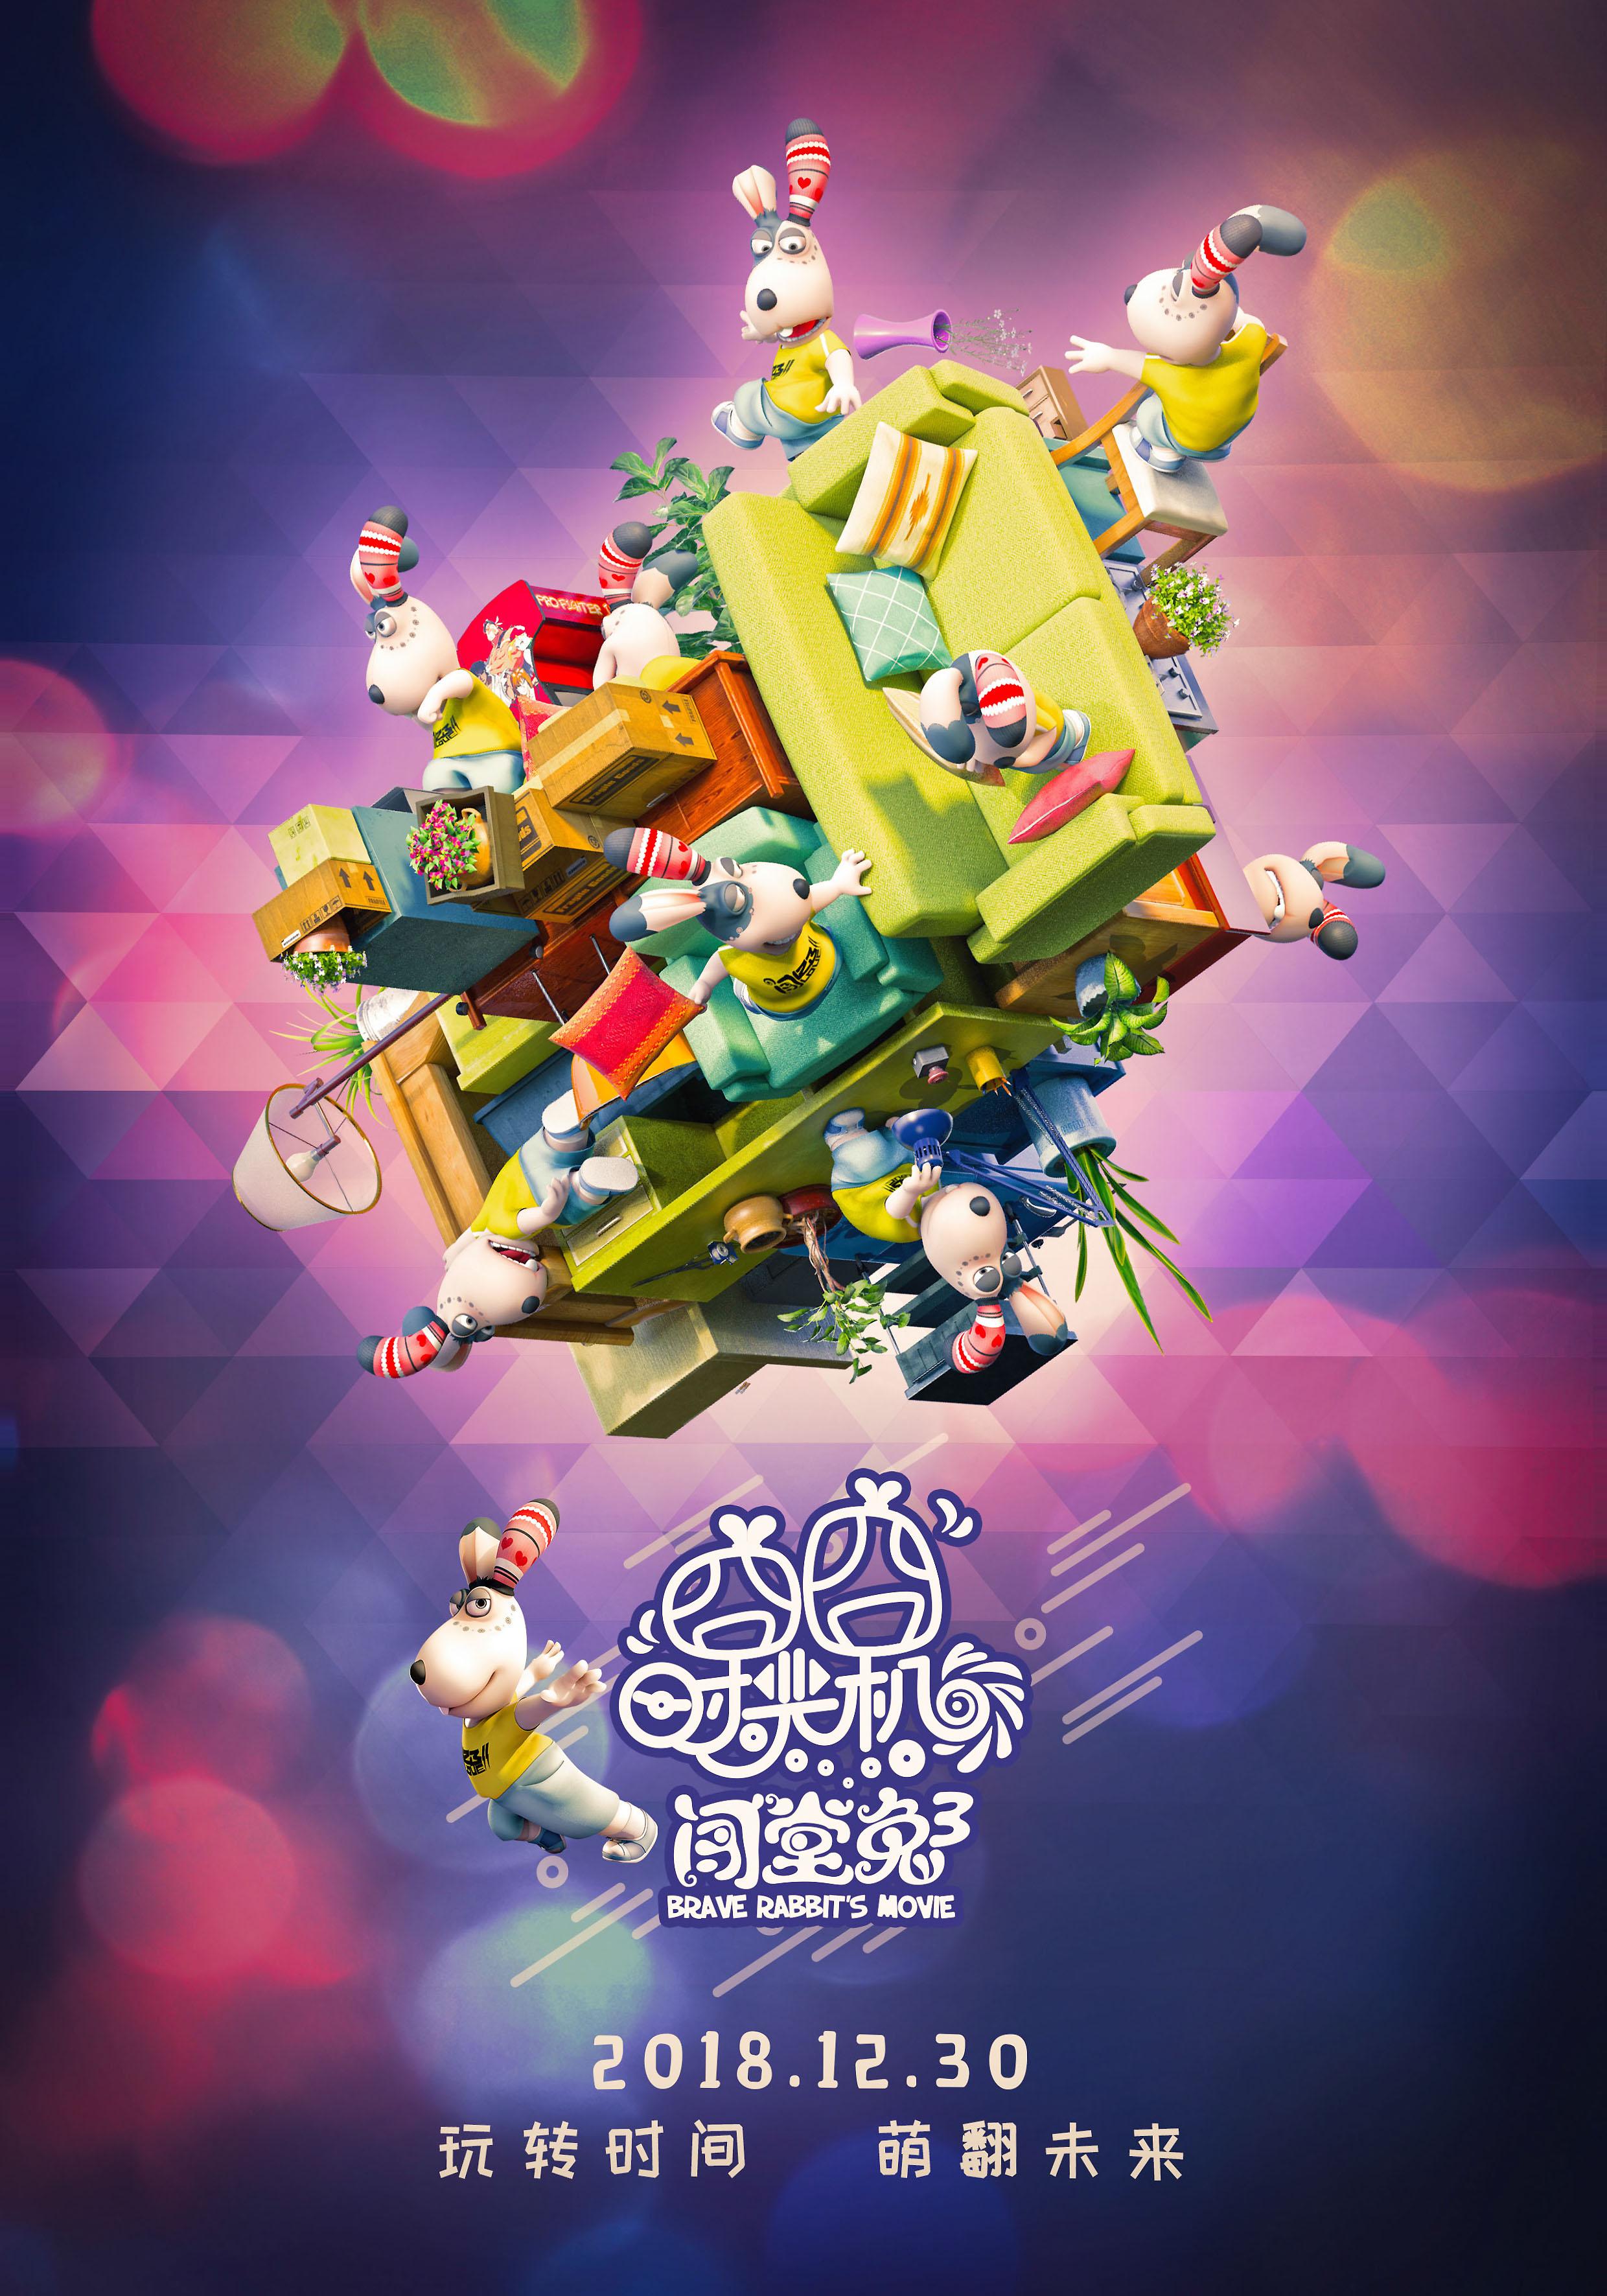 《闯堂兔3》定档12月30日 萌兔玩转时光机